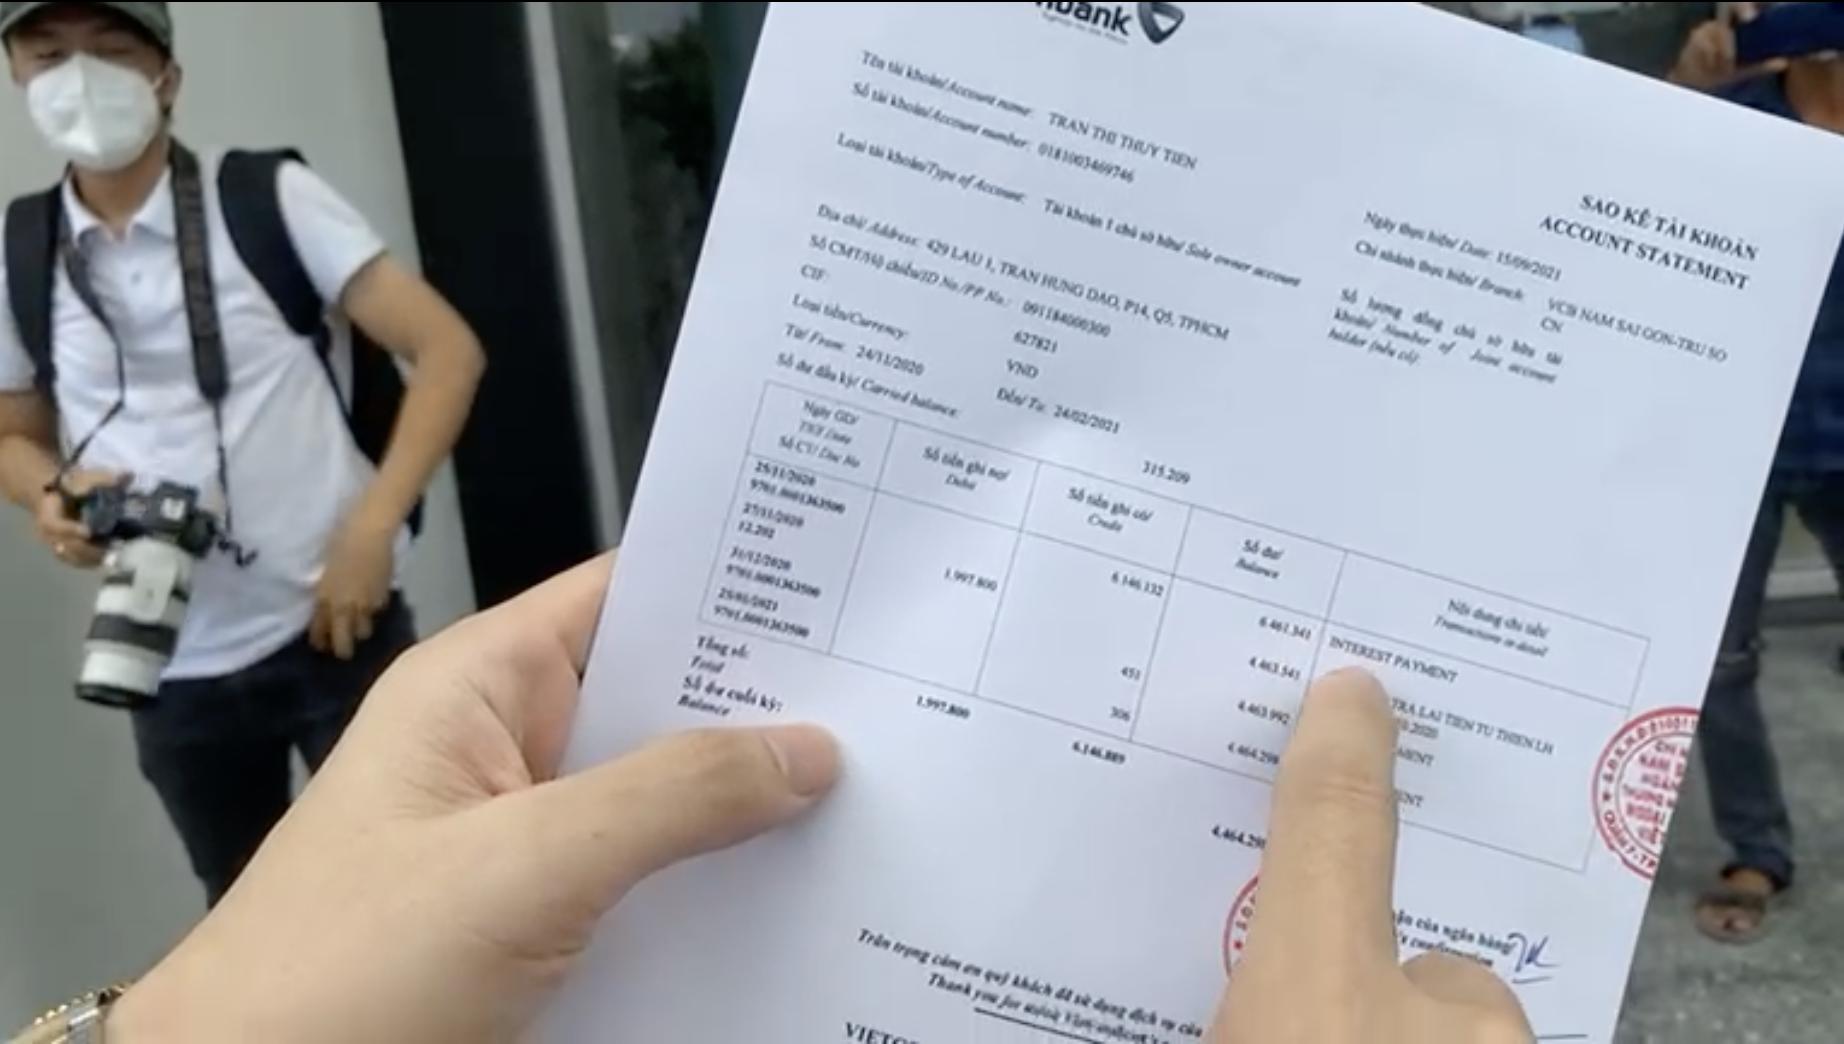 18.000 trang sao kê của Thuỷ Tiên giải mã nhiều điểm nghi vấn, có tài khoản chuyển nhầm địa chỉ - Ảnh 3.